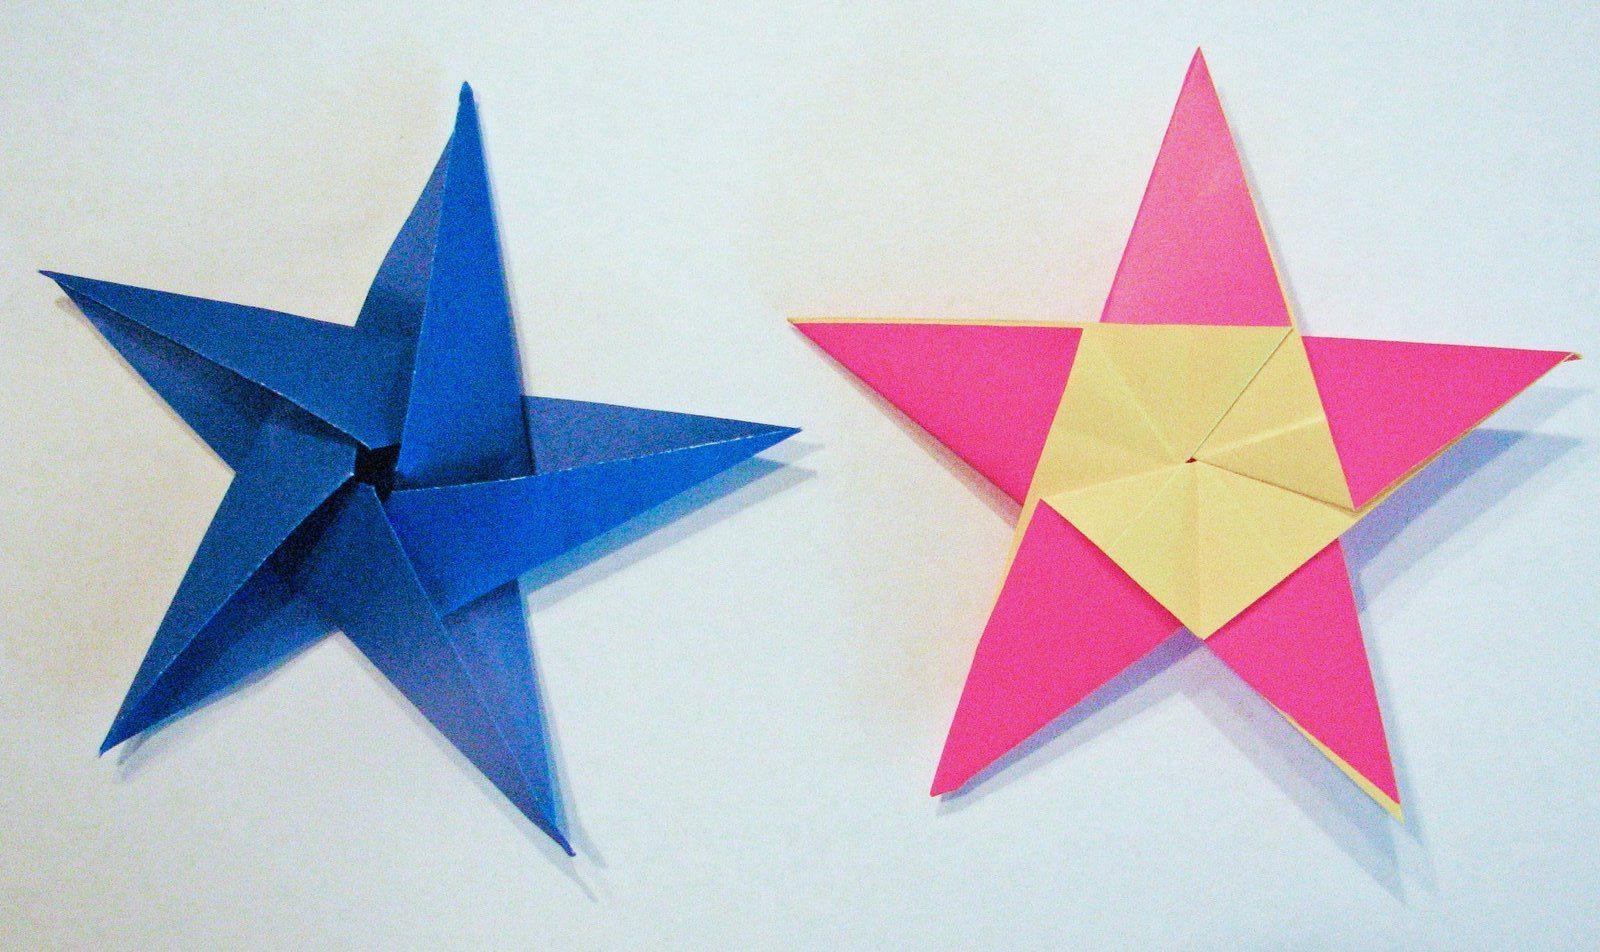 Звезды из бумаги. Шаблон